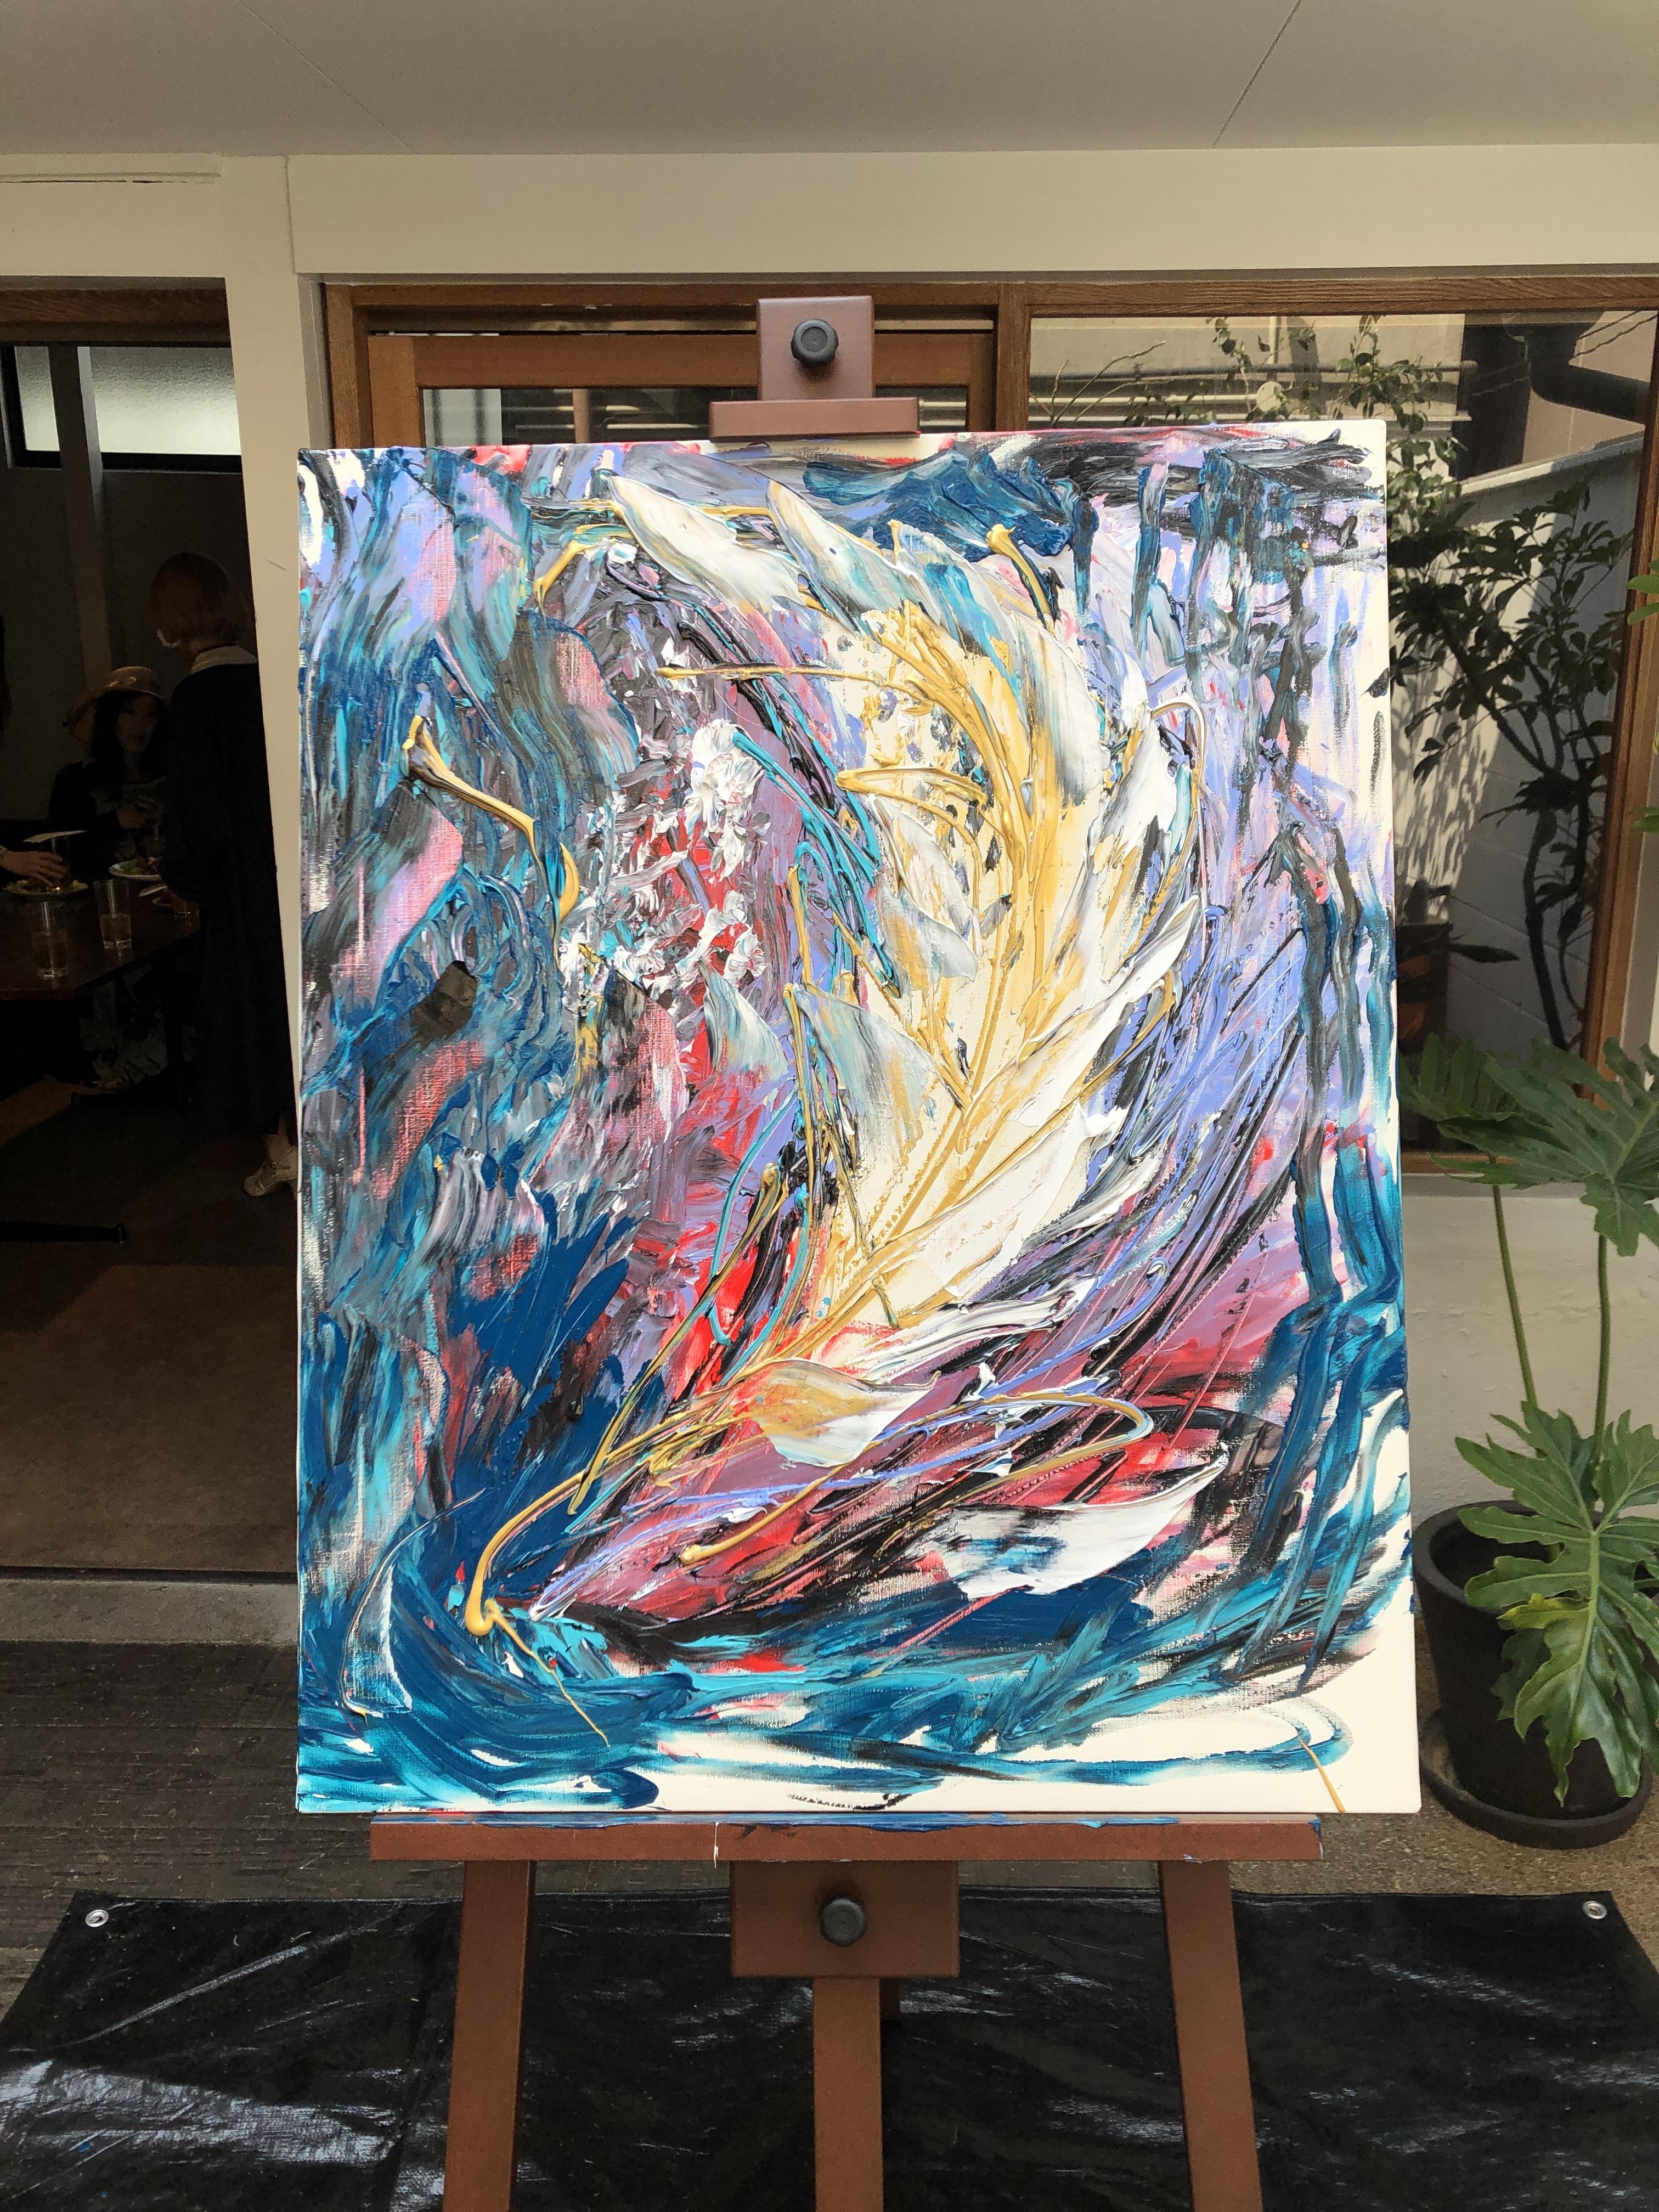 カフェやセレクトショップに似合うおしゃれカッコイイ羽の絵画を特別価格で販売中